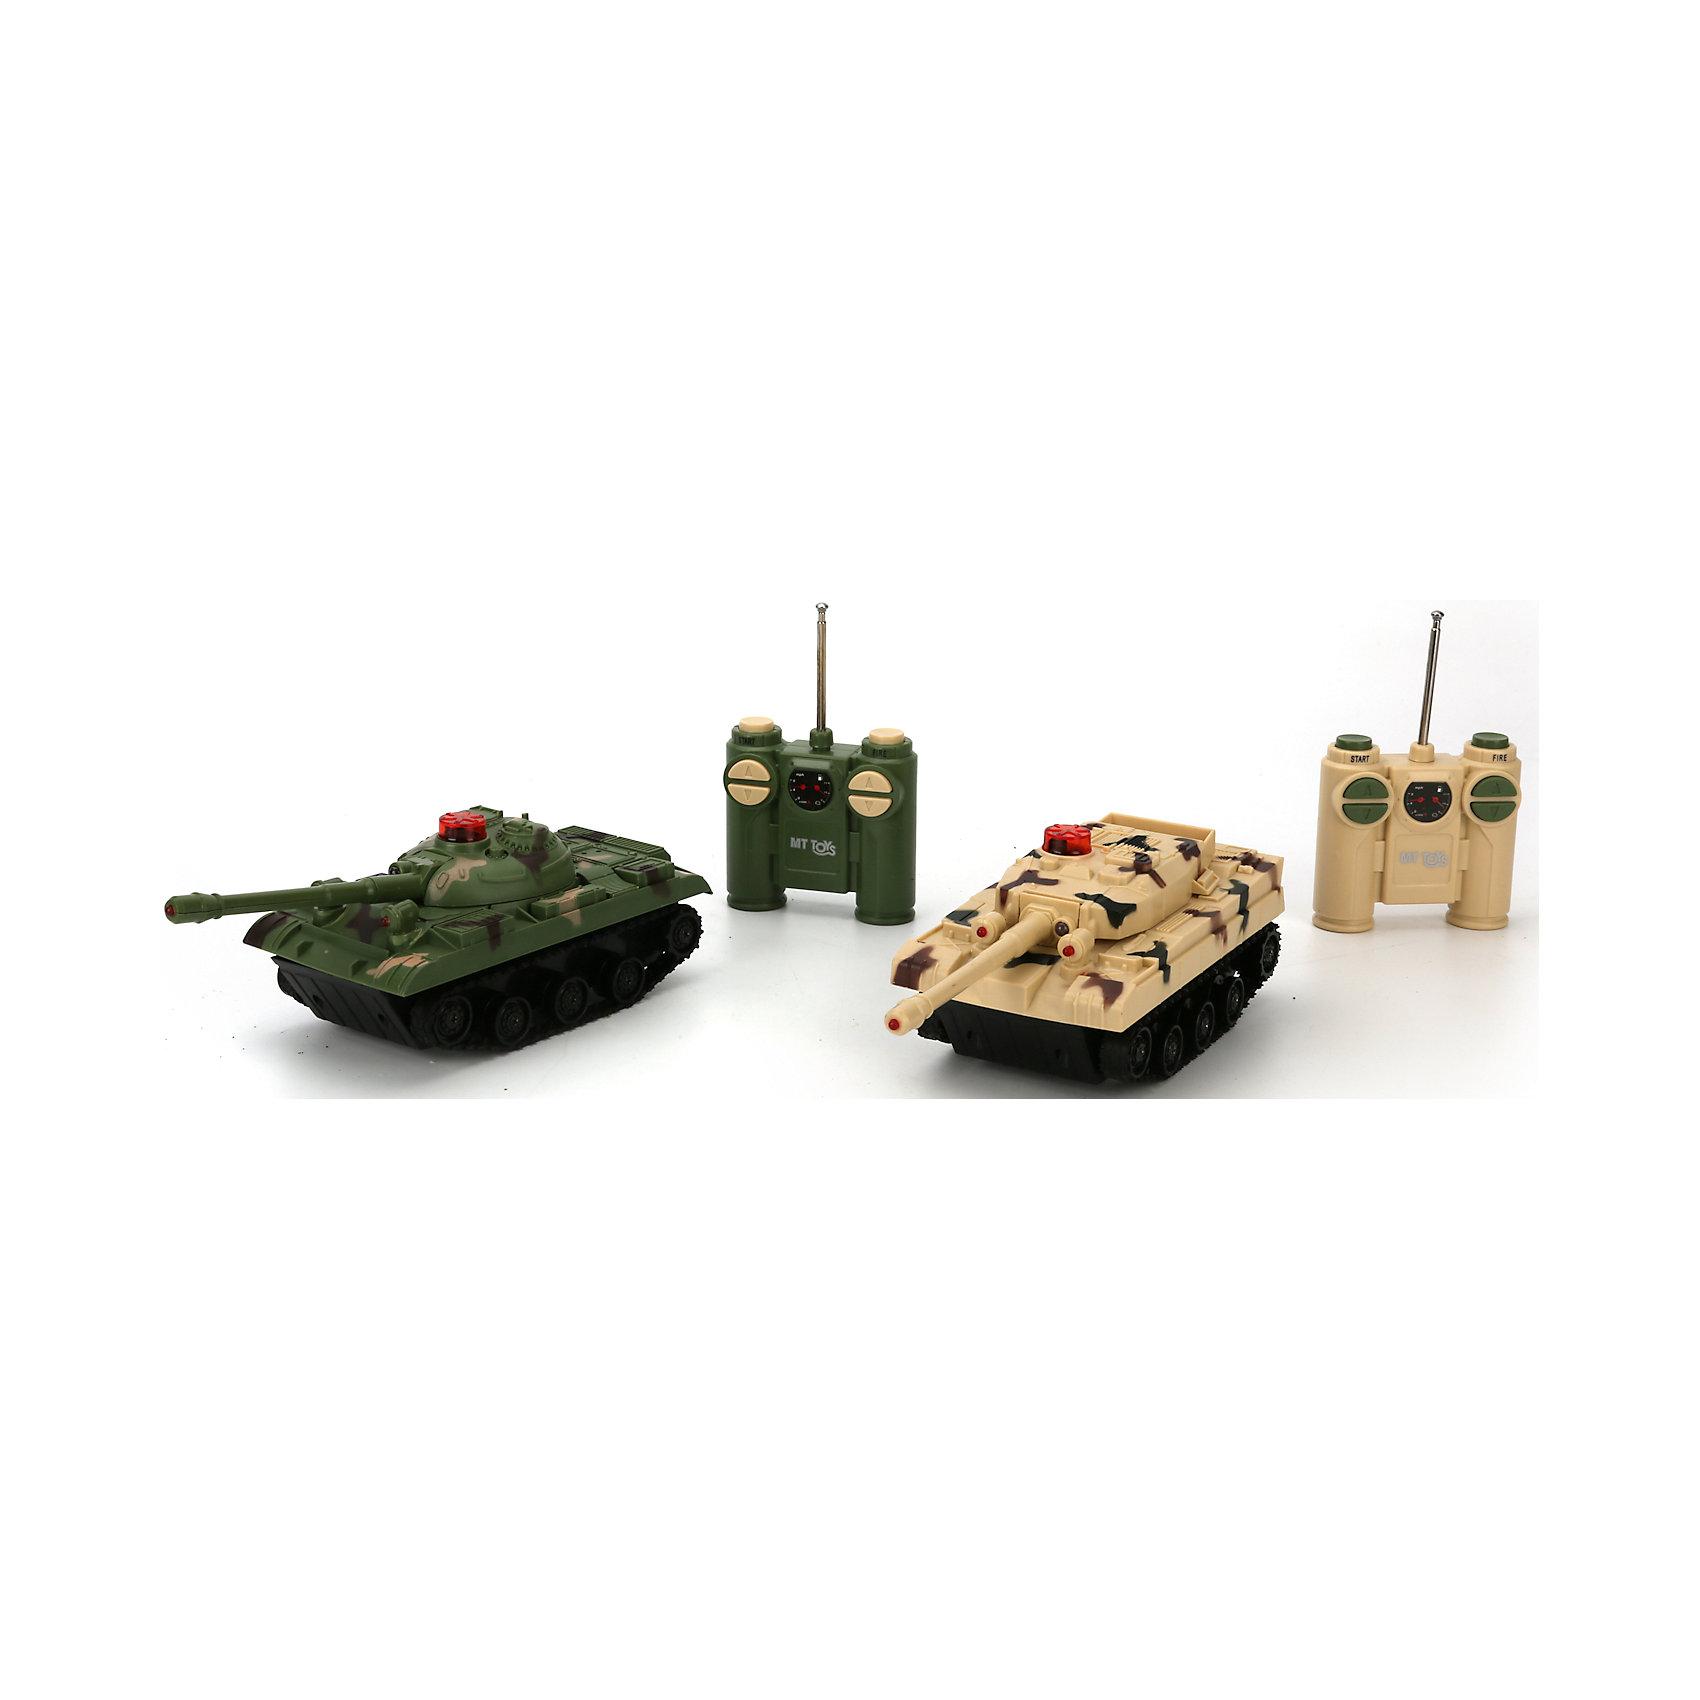 Набор из 2-х танков, радиоуправляемые, Играем ВместеИгровые наборы<br><br><br>Ширина мм: 260<br>Глубина мм: 80<br>Высота мм: 210<br>Вес г: 700<br>Возраст от месяцев: 60<br>Возраст до месяцев: 120<br>Пол: Унисекс<br>Возраст: Детский<br>SKU: 6848812